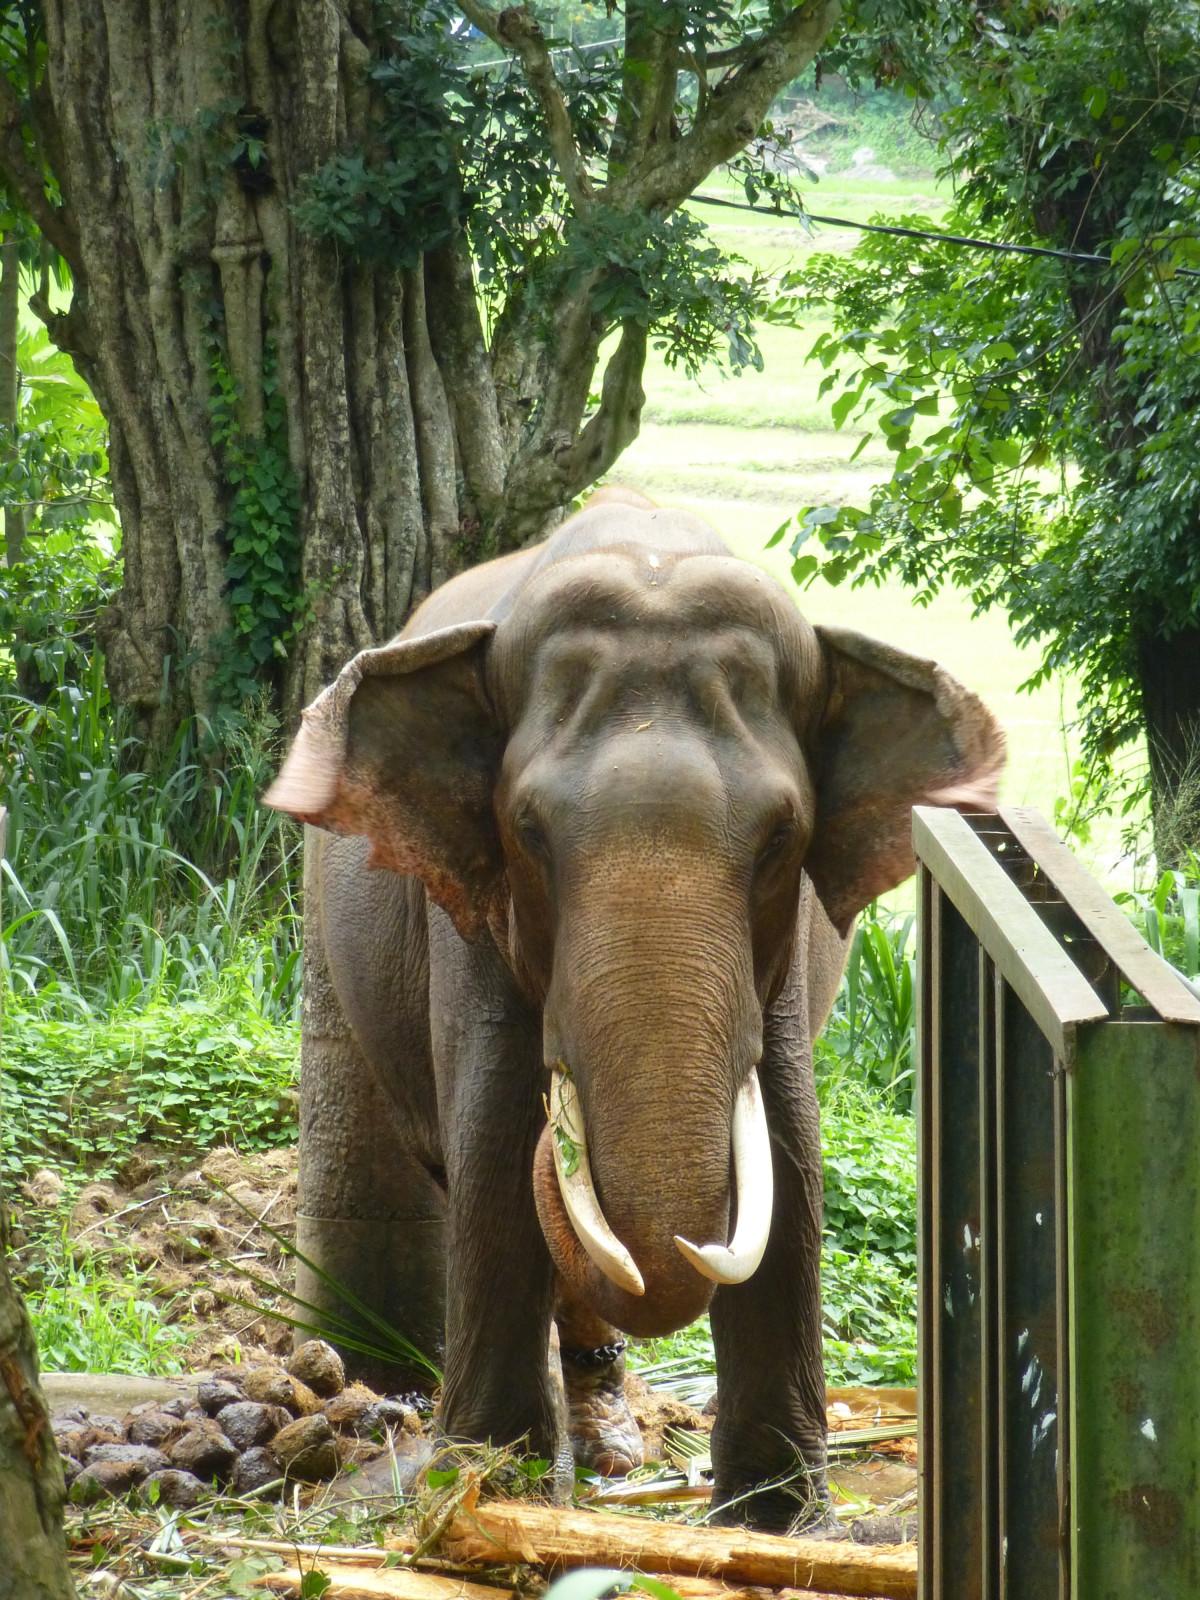 Images gratuites animal faune zoo jungle mammif re l phant d fense ivoire animaux - Photos d elephants gratuites ...